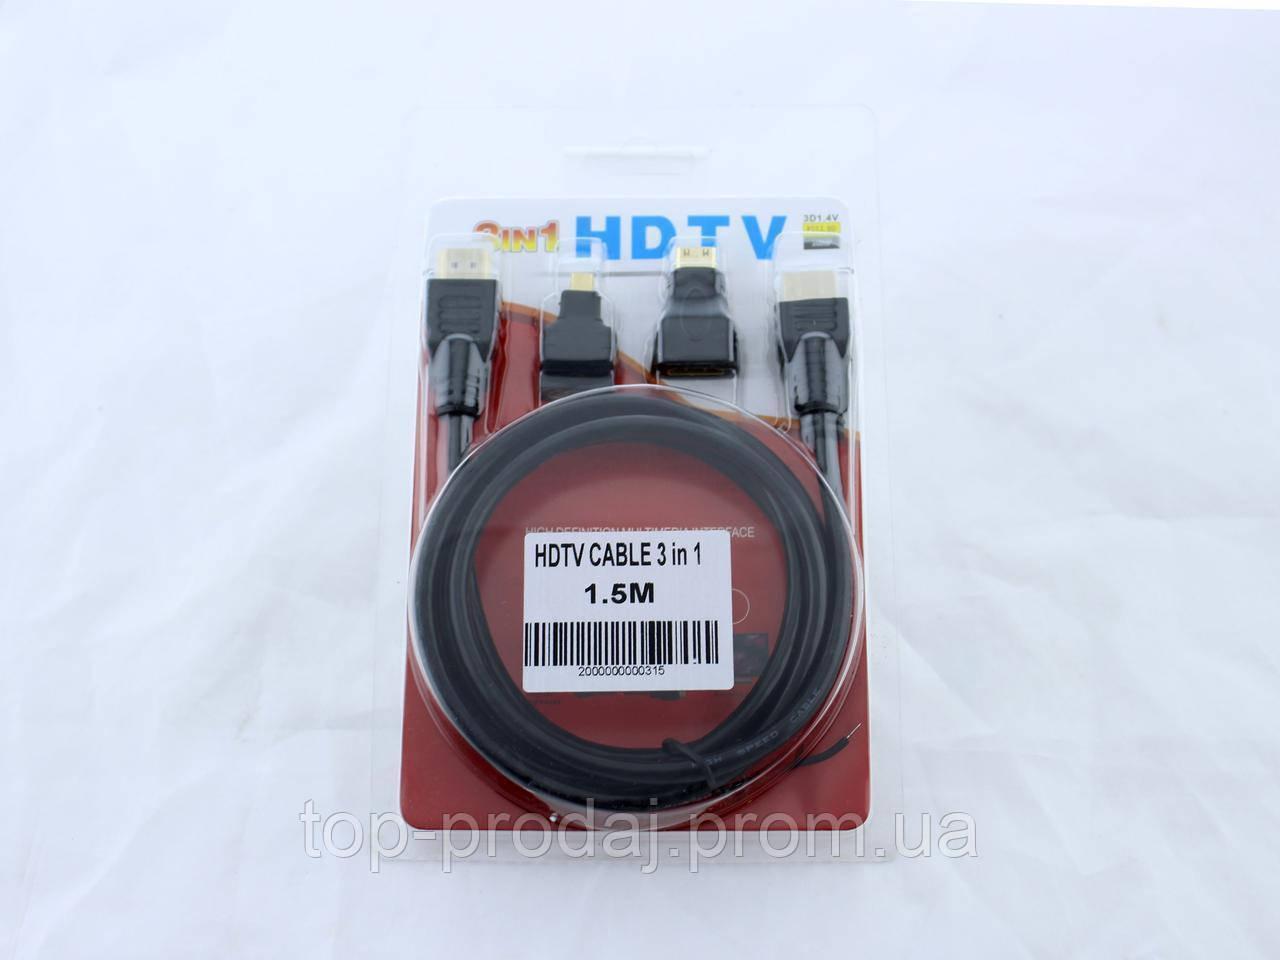 Кабель HDMI 3IN1, Кабель HDMI-HDMI с переходниками micro/mini HDMI, Кабель переходник, Шнур для подключения